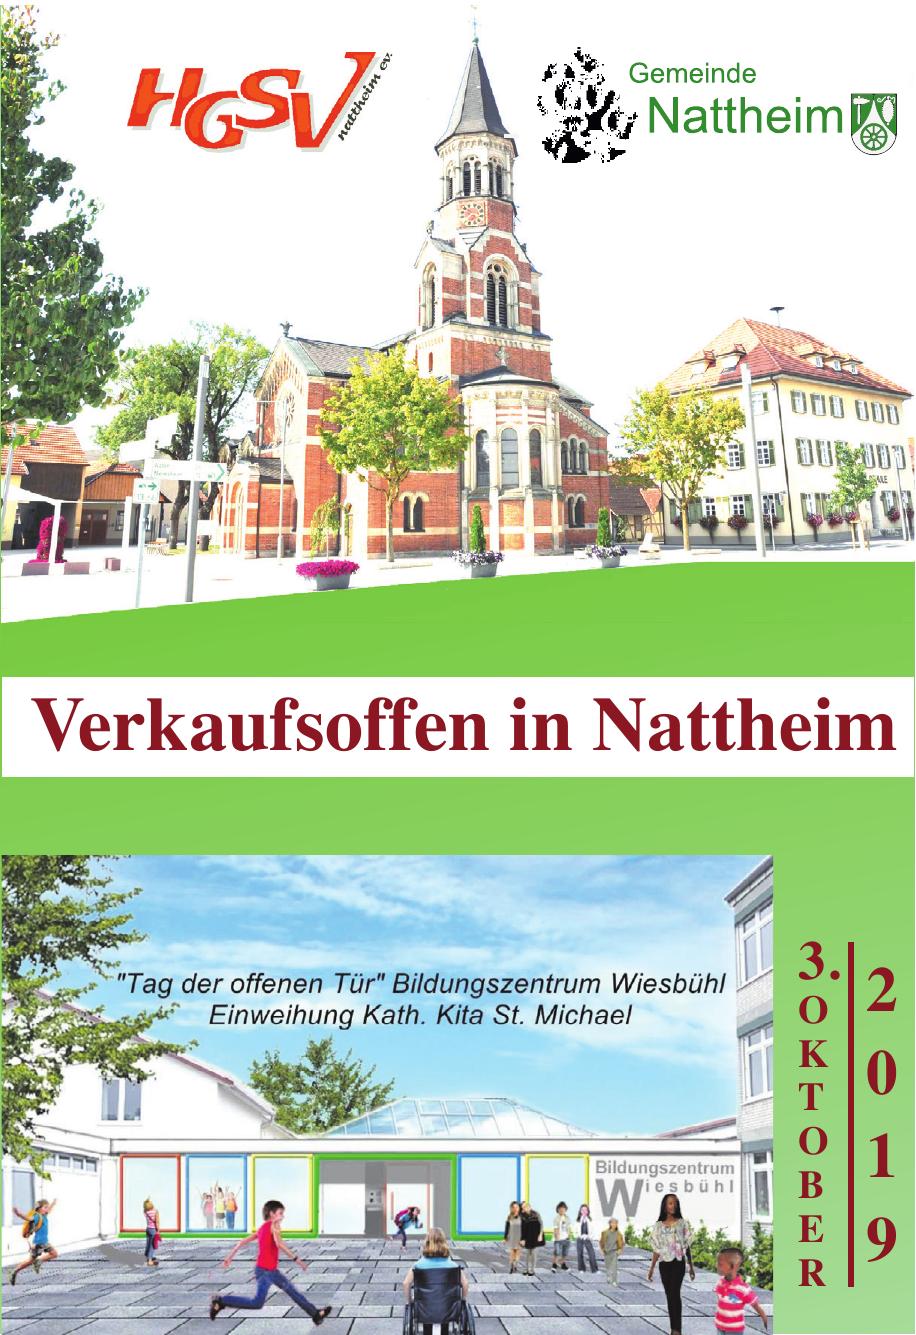 Verkaufsoffen in Nattheim